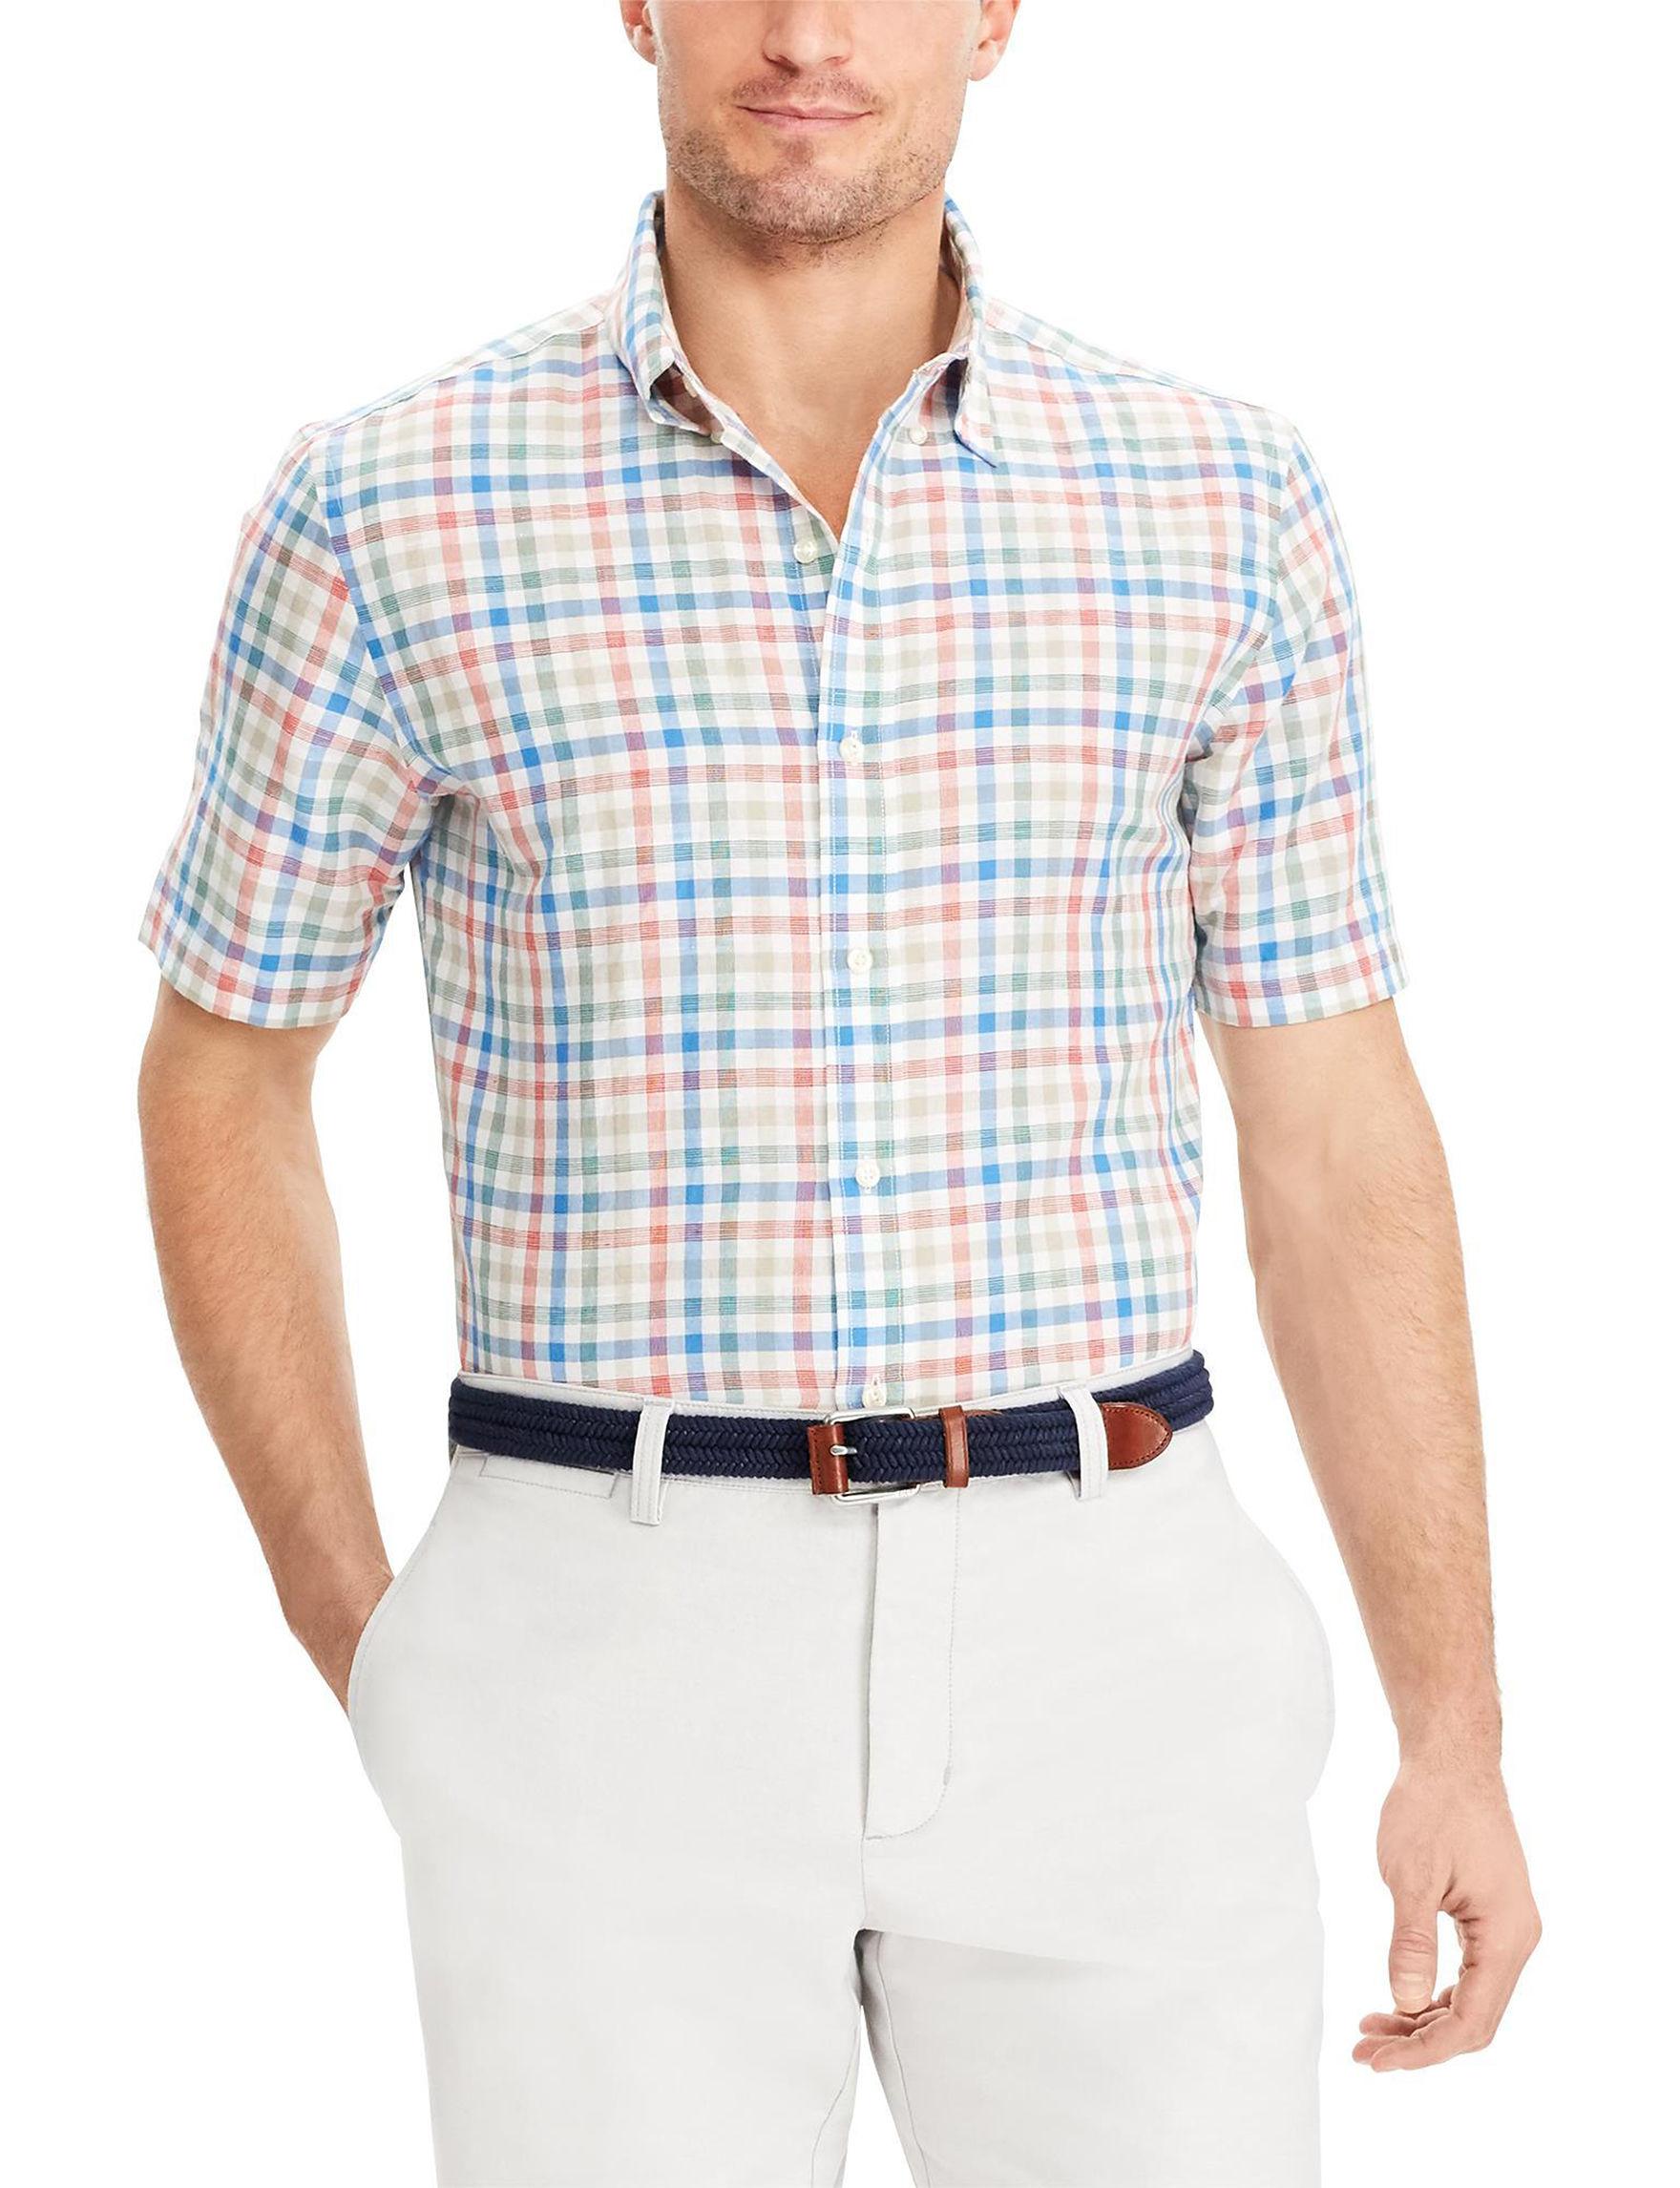 Chaps White Plaid Casual Button Down Shirts